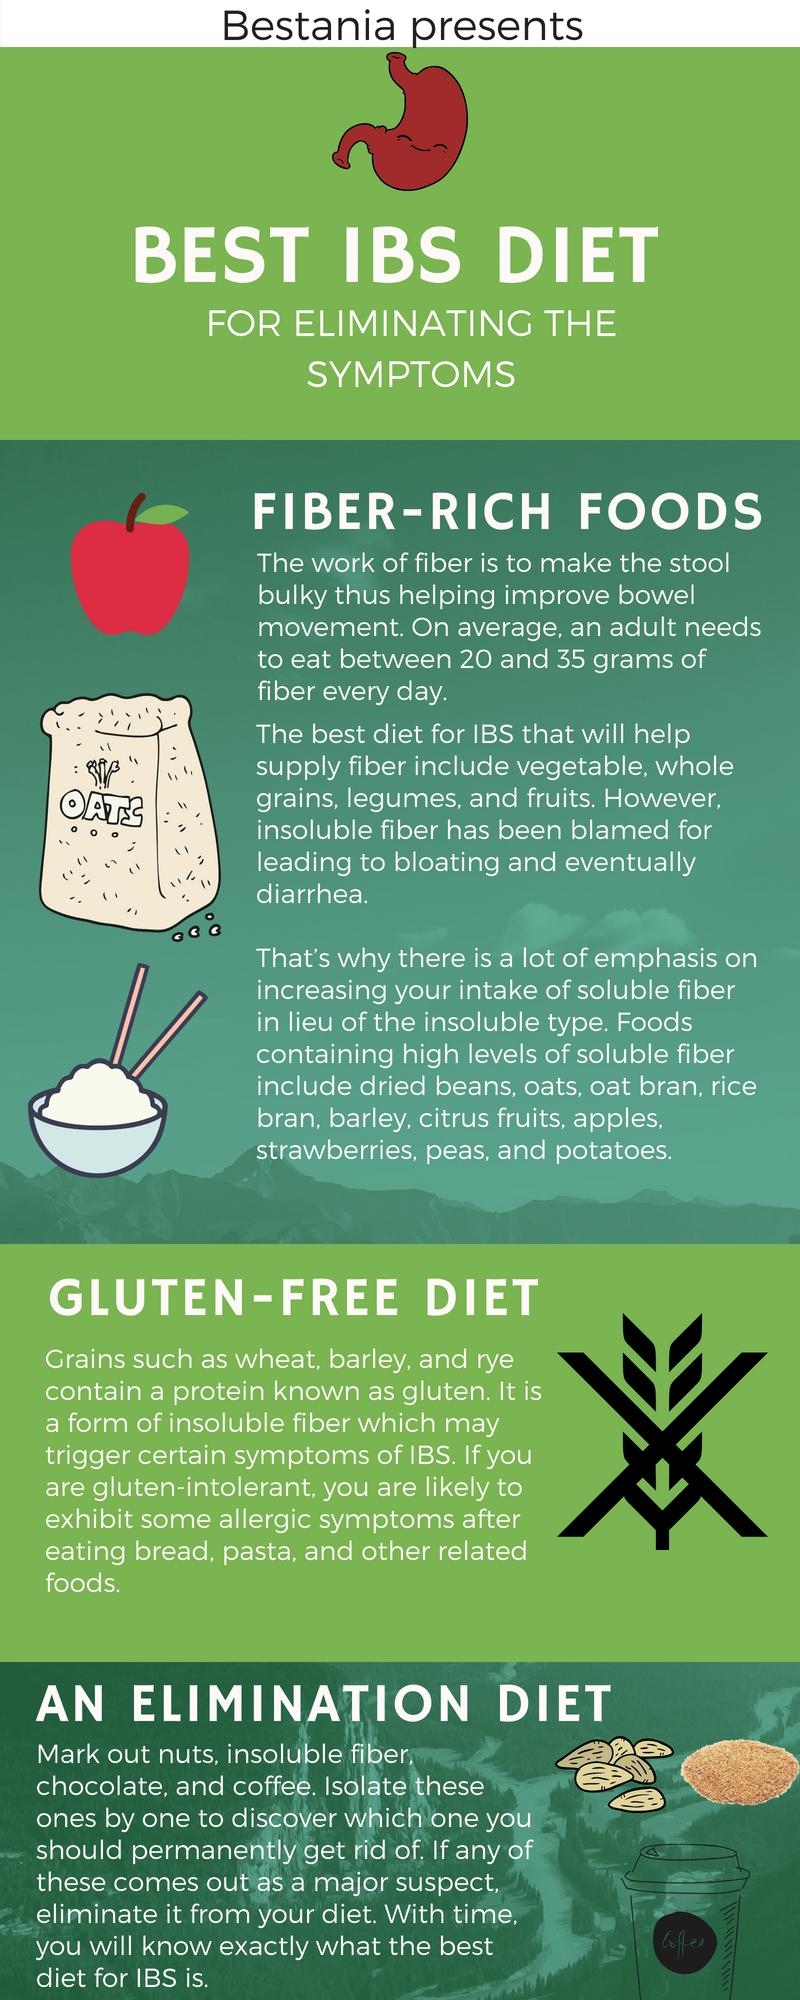 ibs-diet-1 (1)